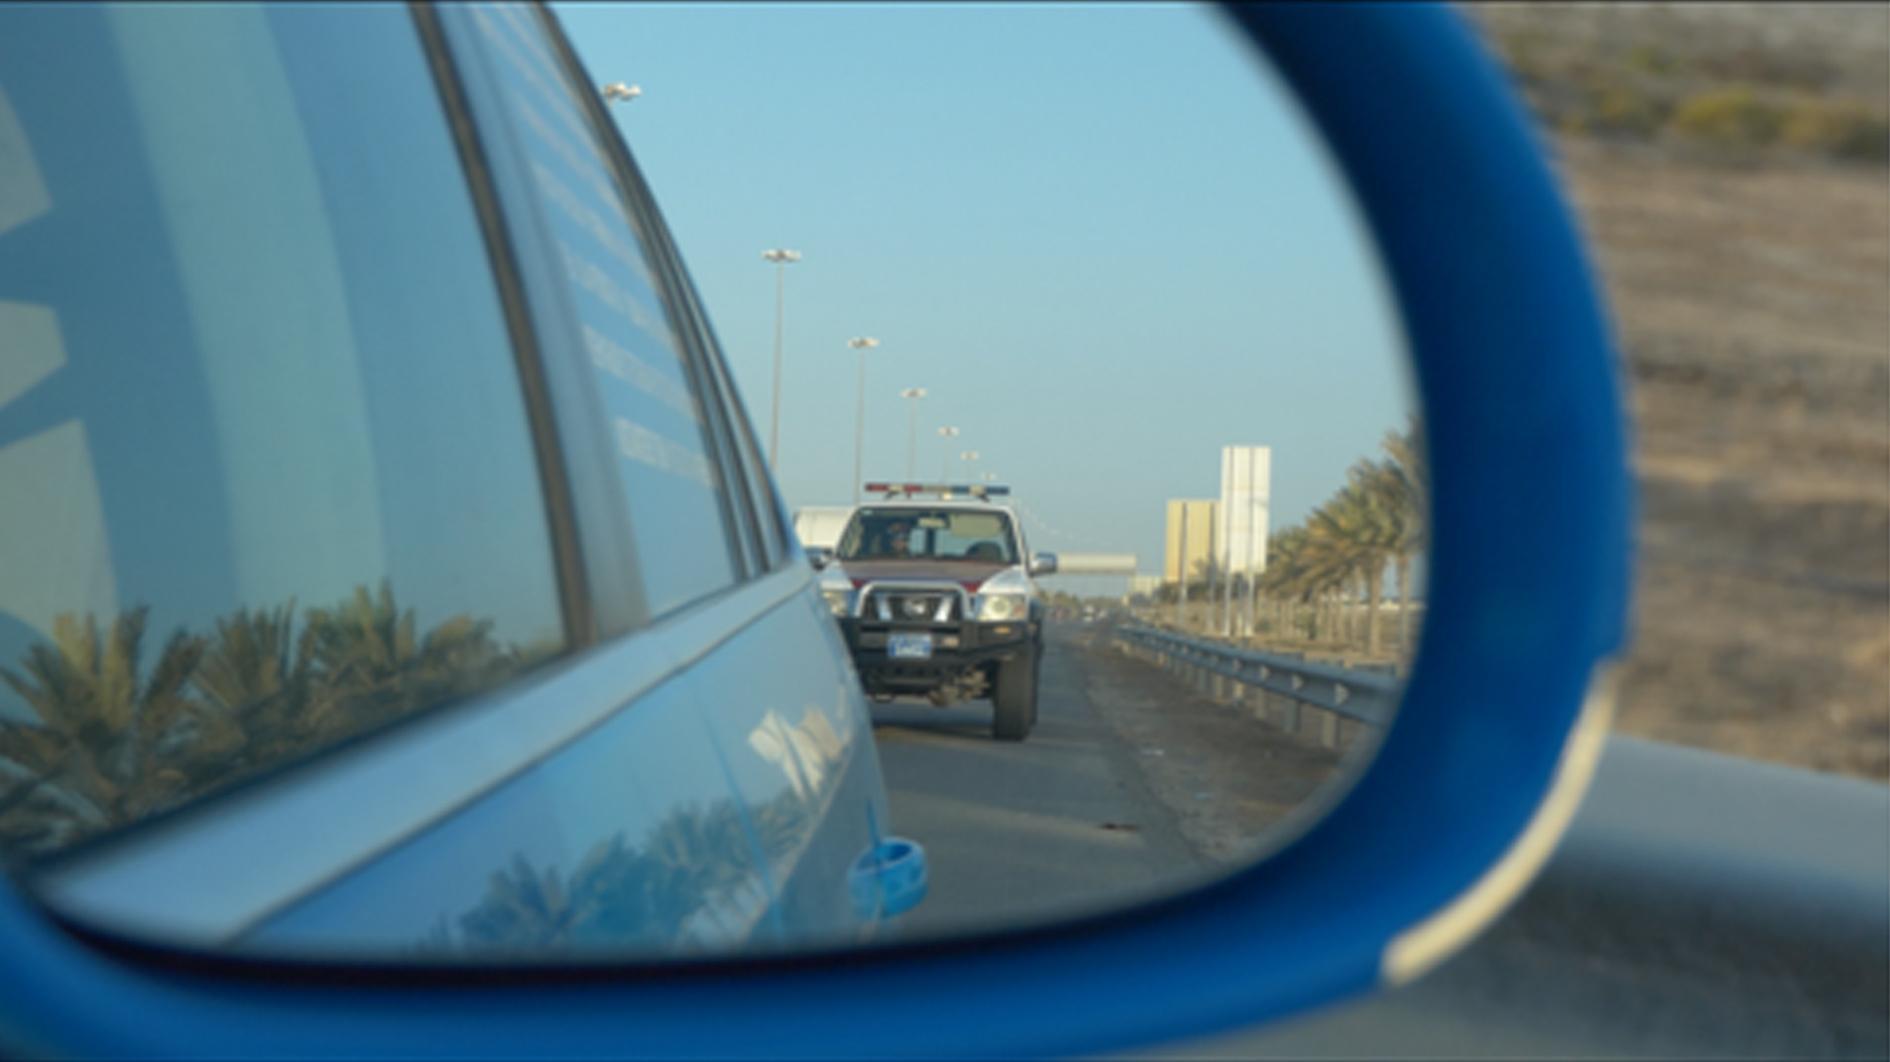 Wiebe Wakker met Volkswagen Golf in Dubai